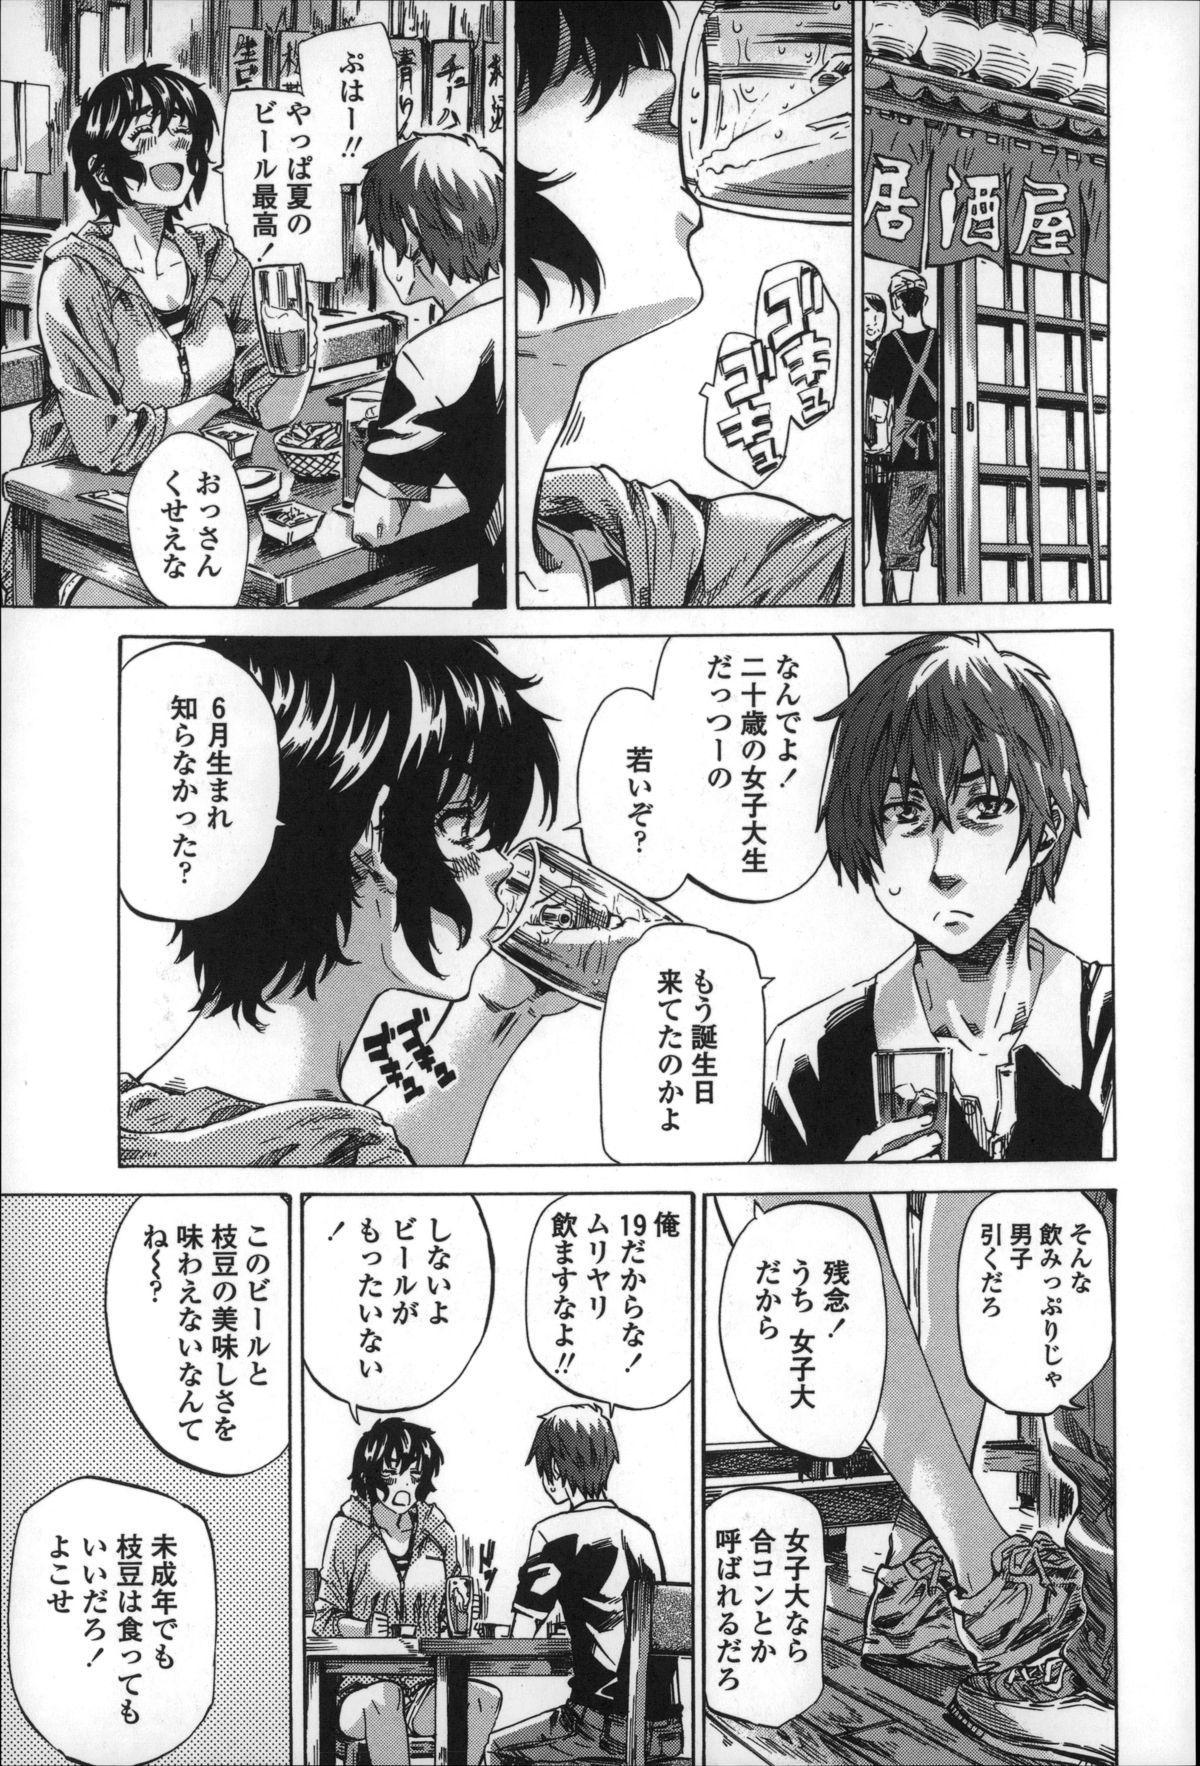 Choushin de Mukuchi no Kanojo ga Hatsujou Shite Kitara Eroiyo ne? 174